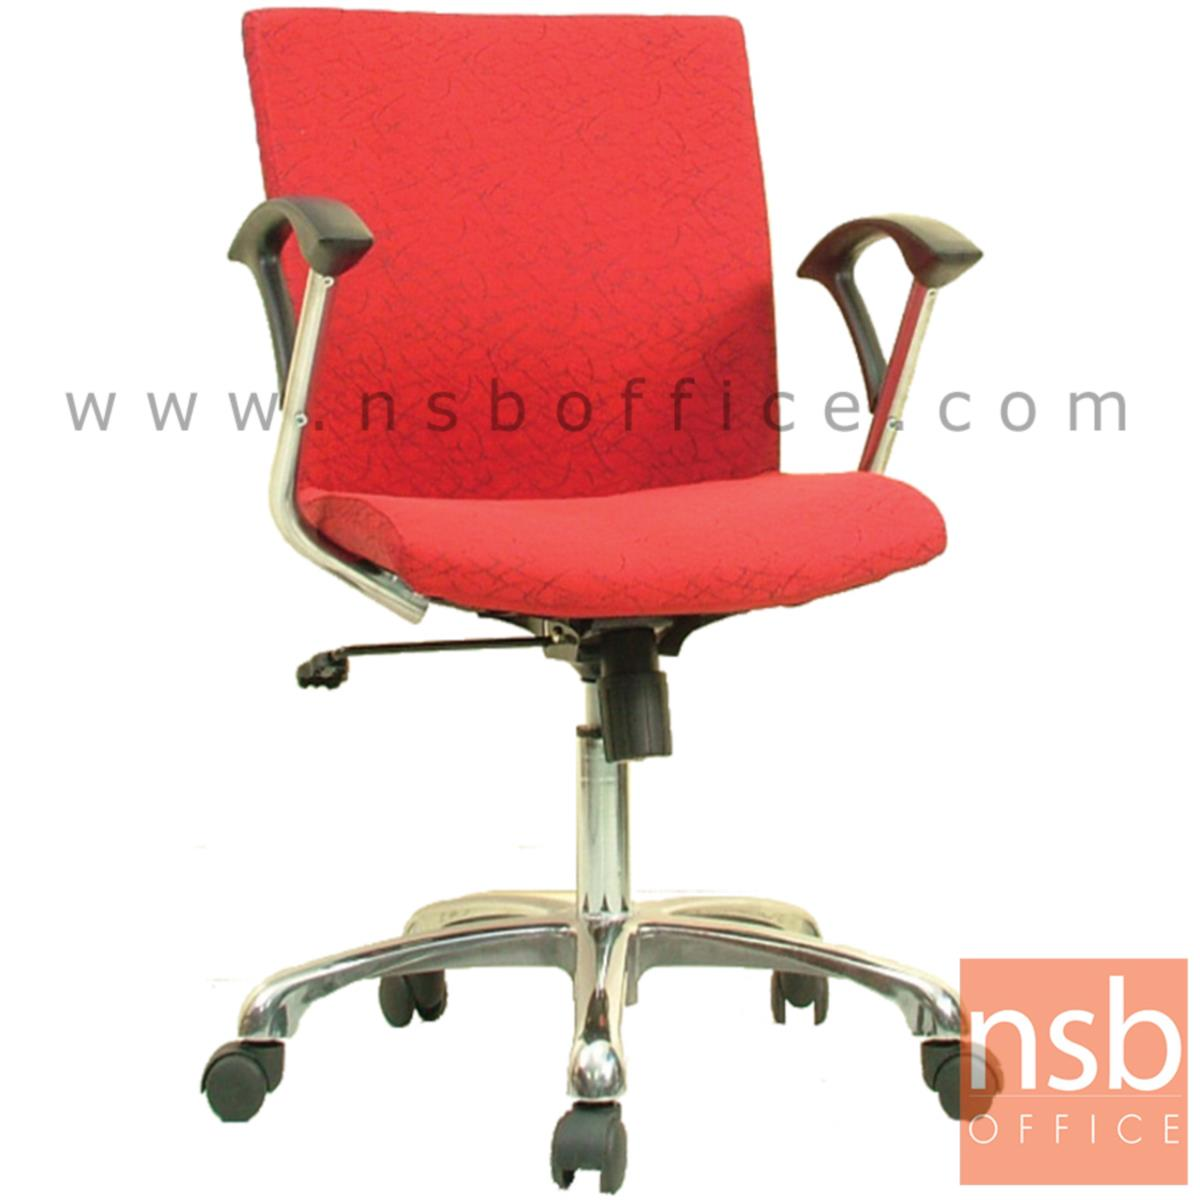 B03A287:เก้าอี้สำนักงาน รุ่น Watros (วาทรอส)  โช๊คแก๊ส มีก้อนโยก ขาเหล็กชุบโครเมี่ยม